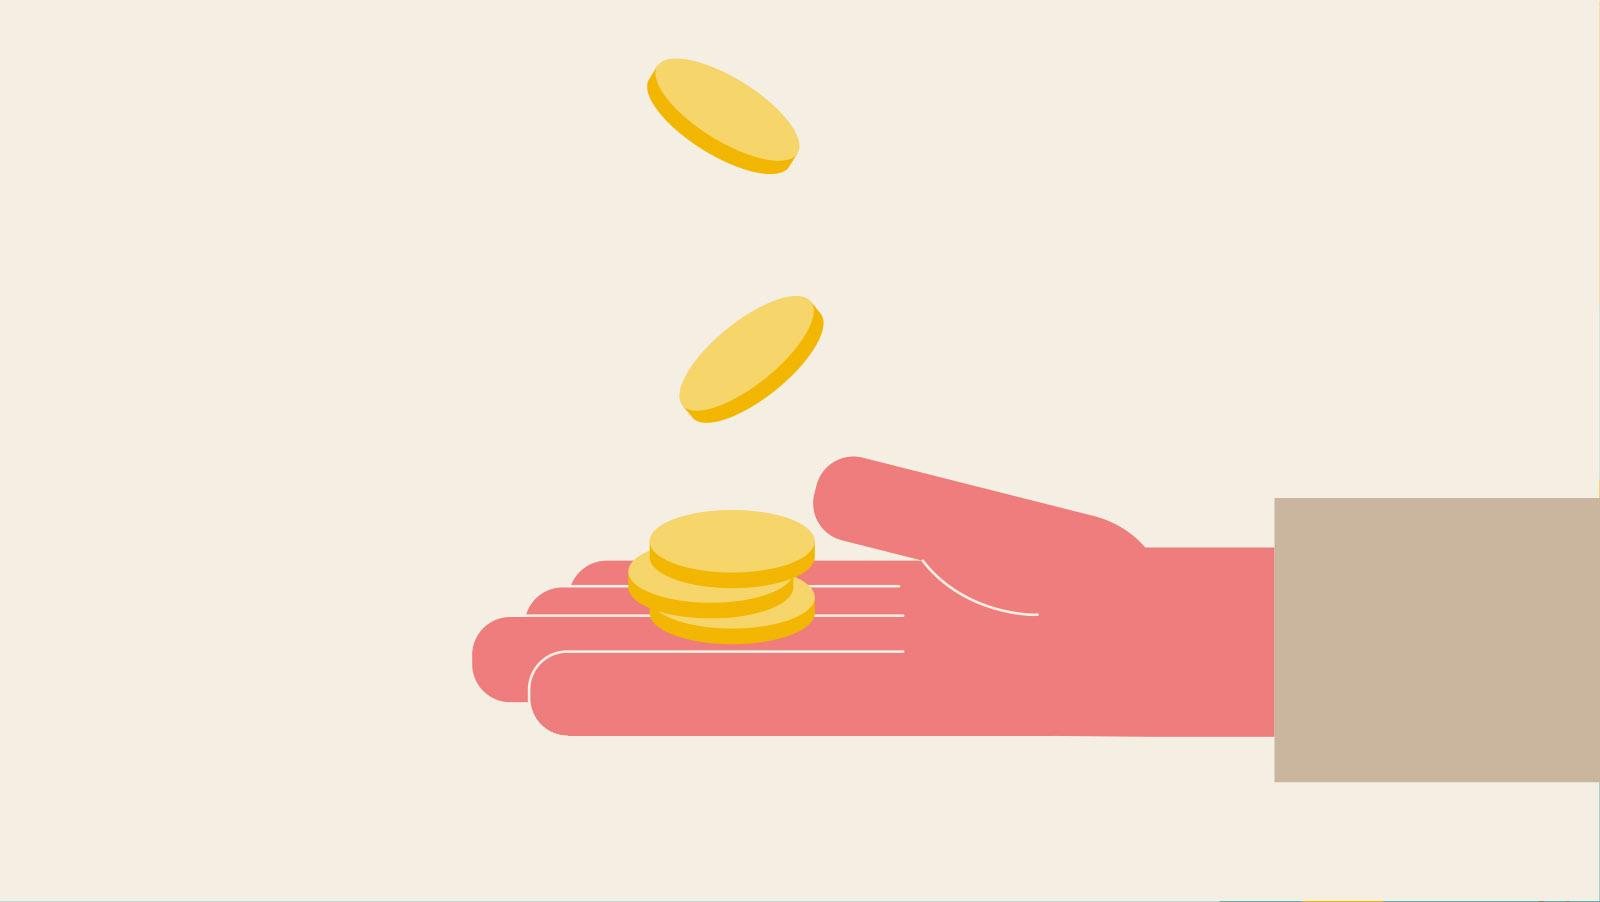 Bee2keeper video animado, ilustración ahorro económico